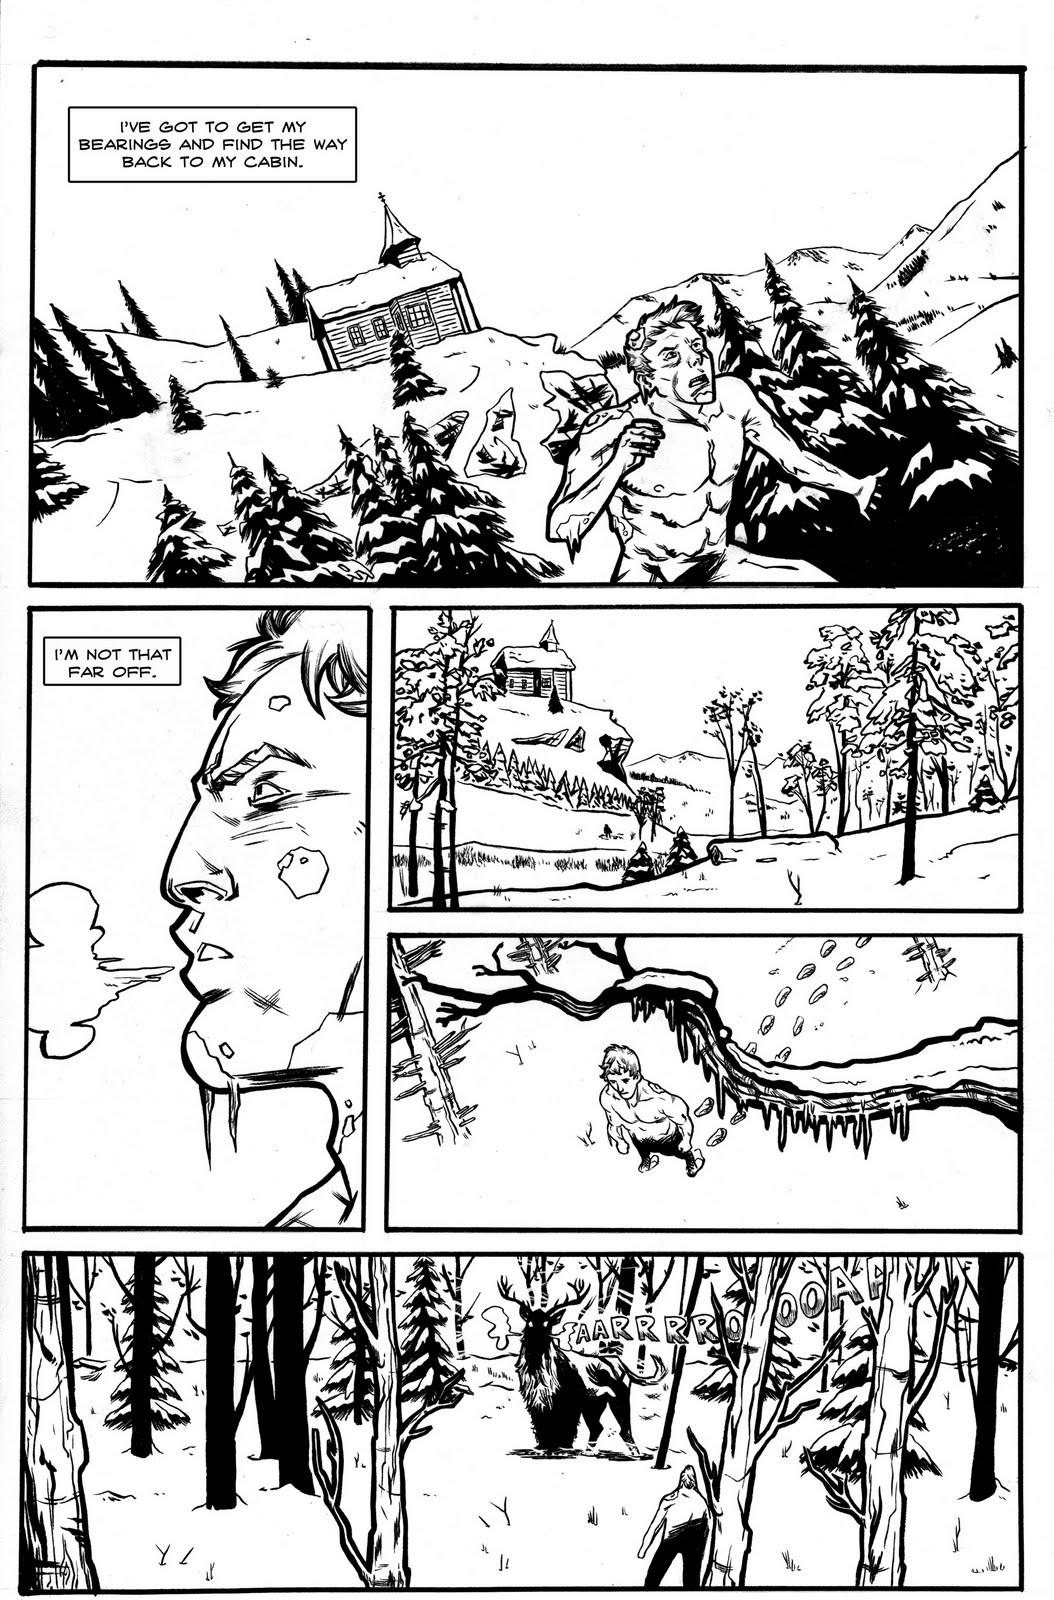 2012-01-19-page2_poopie.jpg